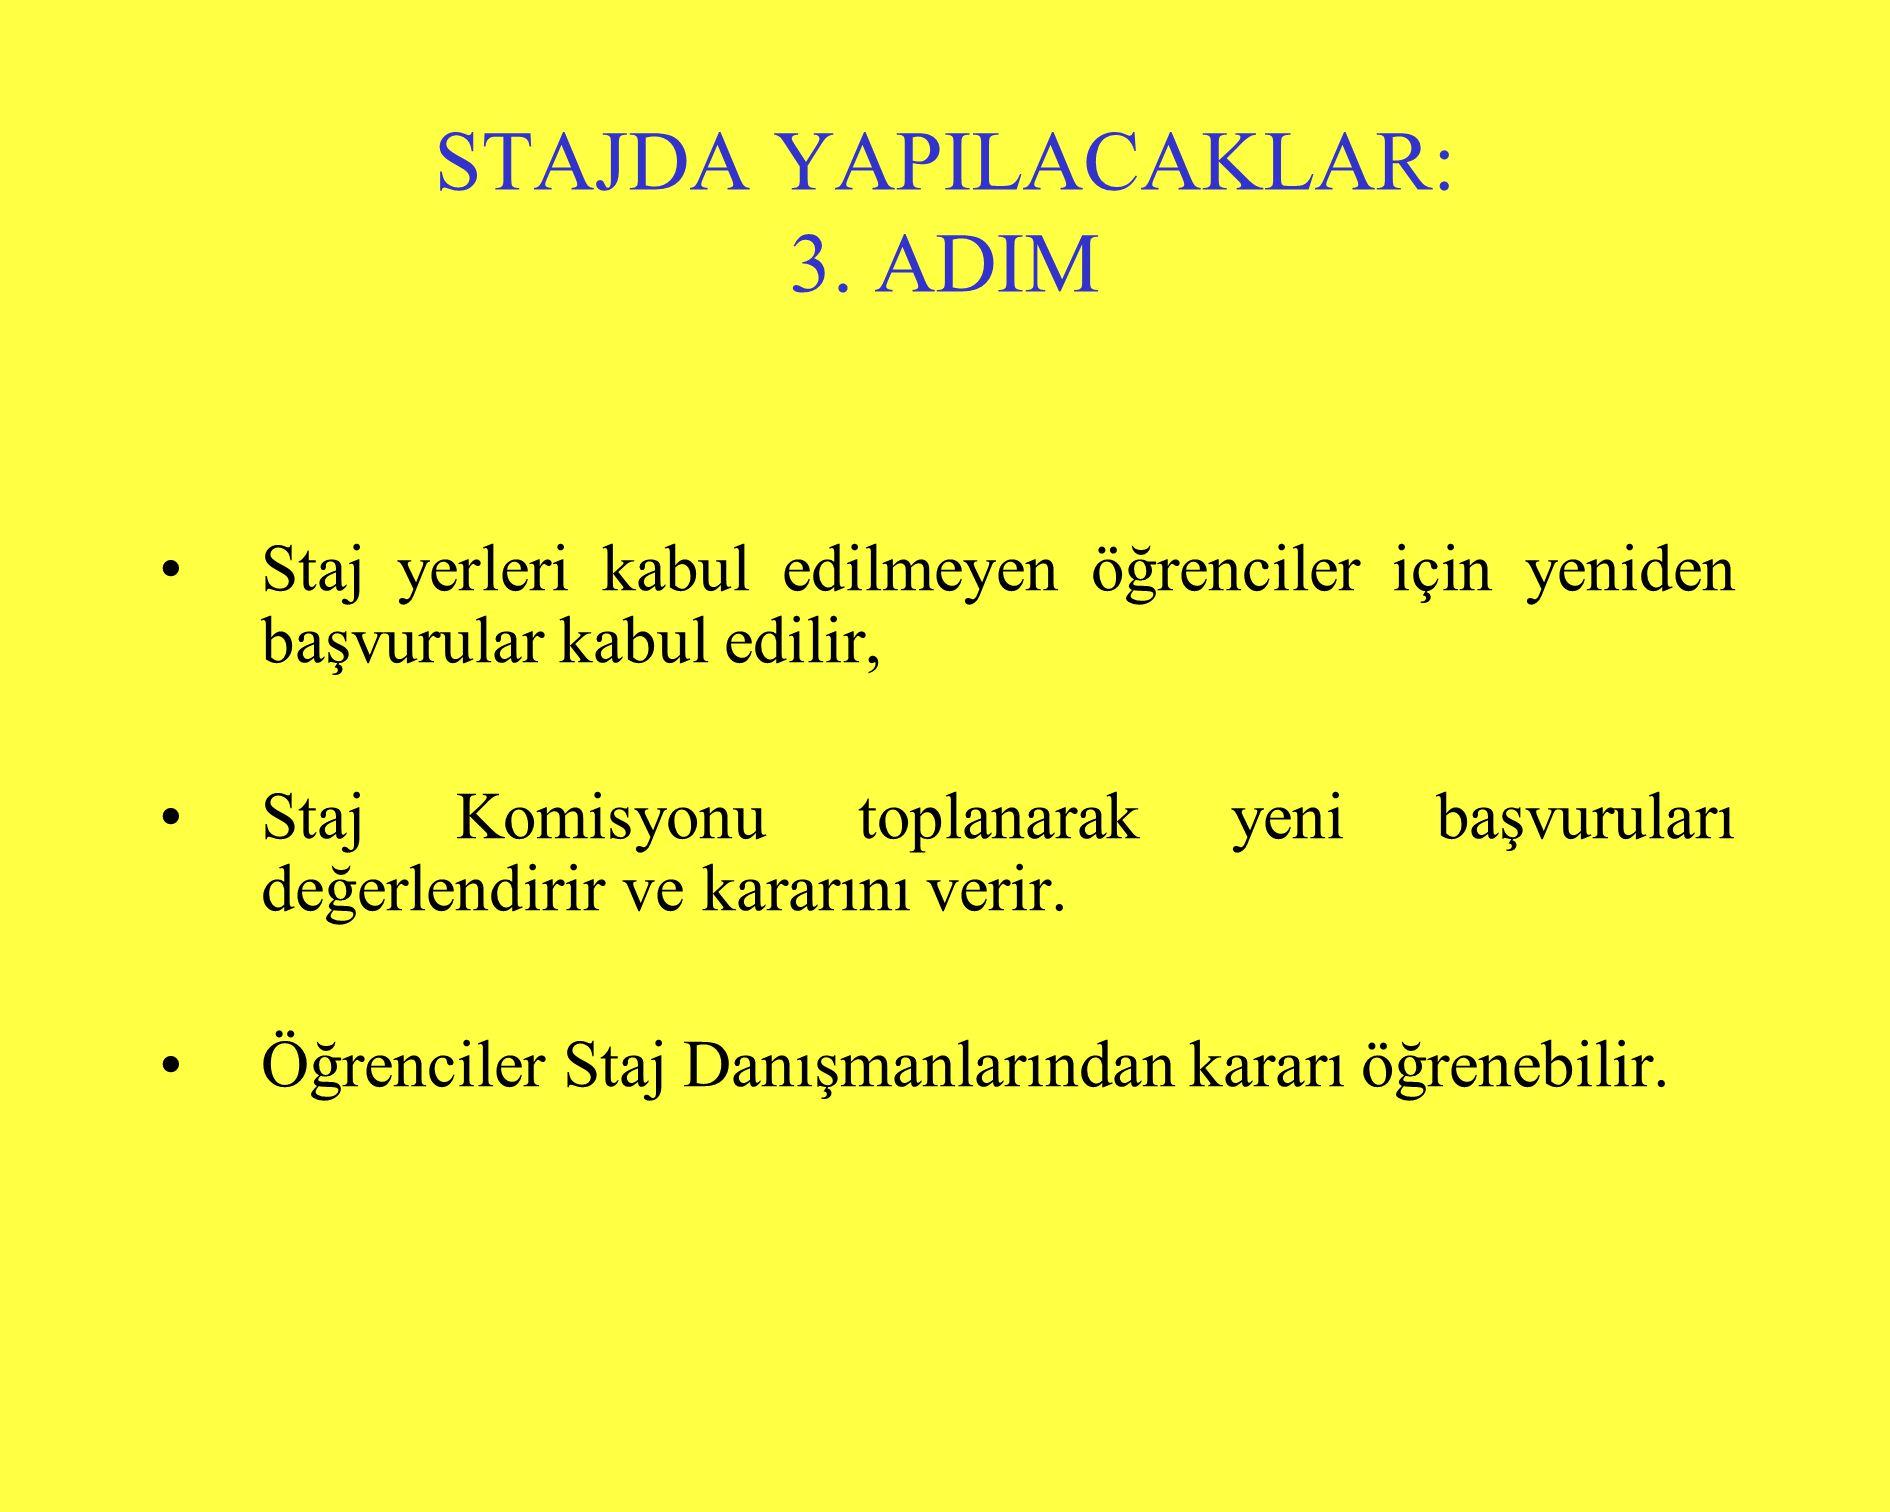 STAJDA YAPILACAKLAR: 3. ADIM •Staj yerleri kabul edilmeyen öğrenciler için yeniden başvurular kabul edilir, •Staj Komisyonu toplanarak yeni başvurular